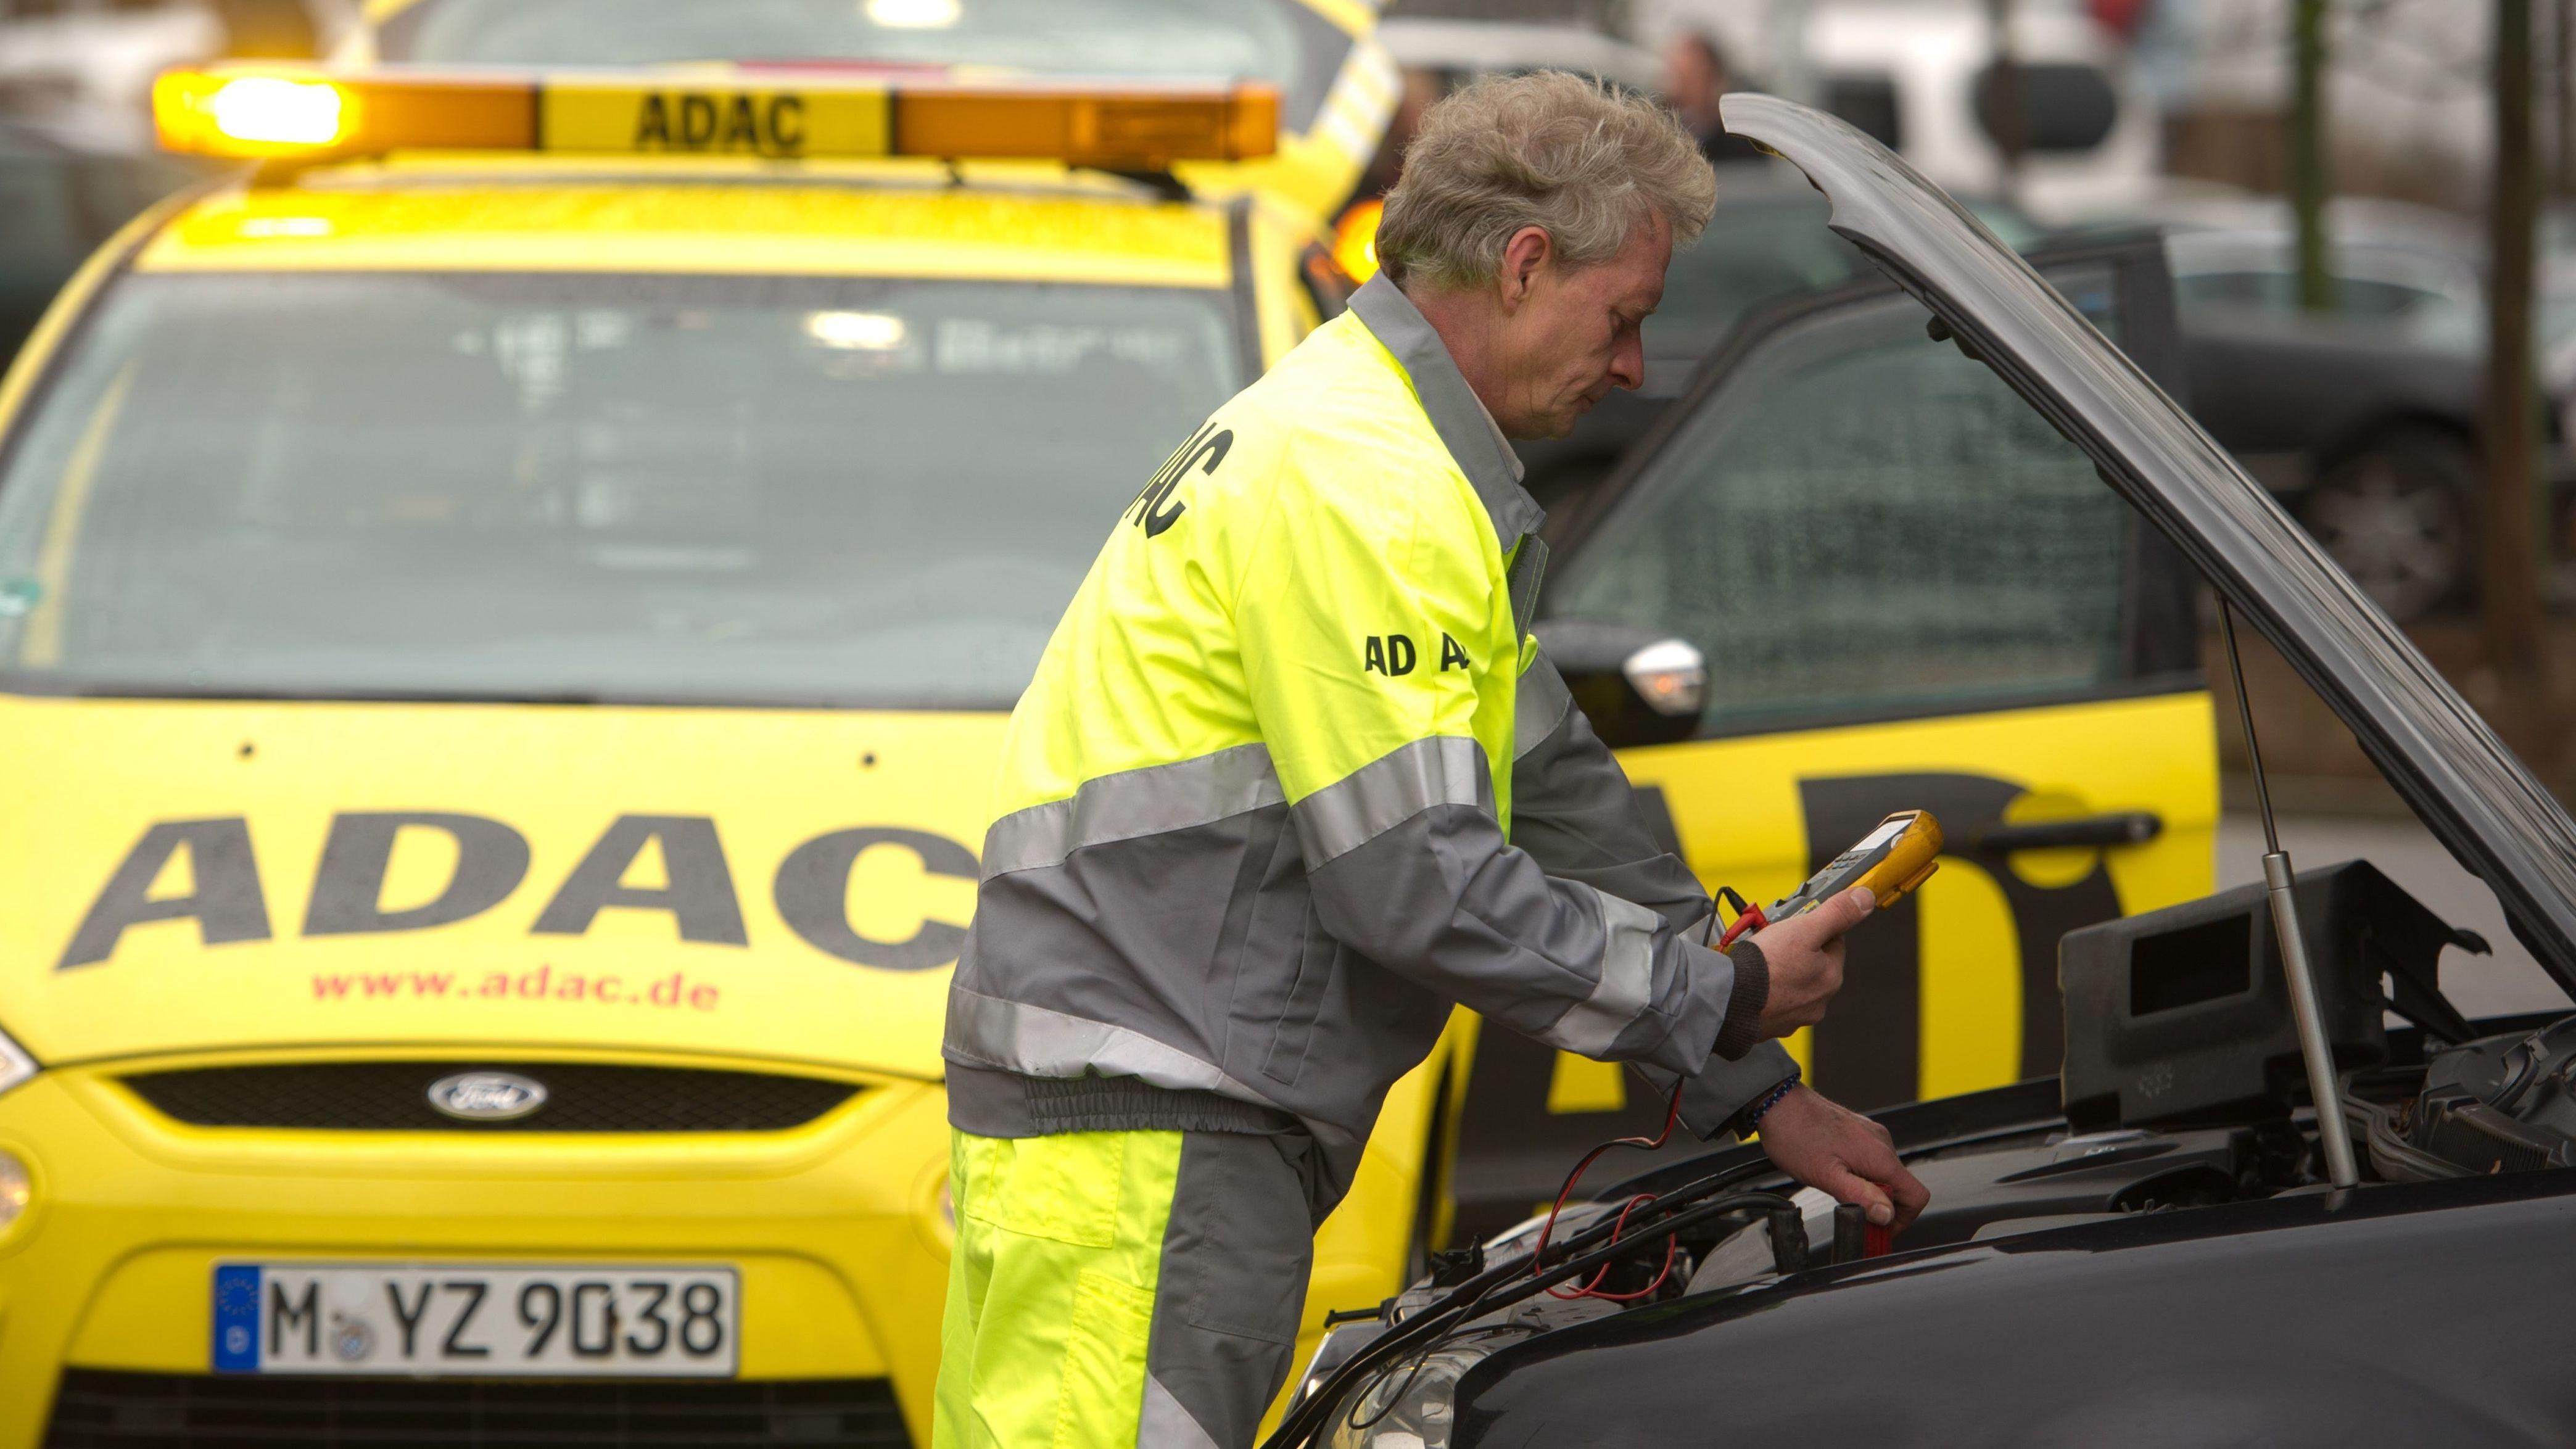 Ein ADAC-Straßenwachtfahrer überprüft die Batterieleistung an einem Fahrzeug.